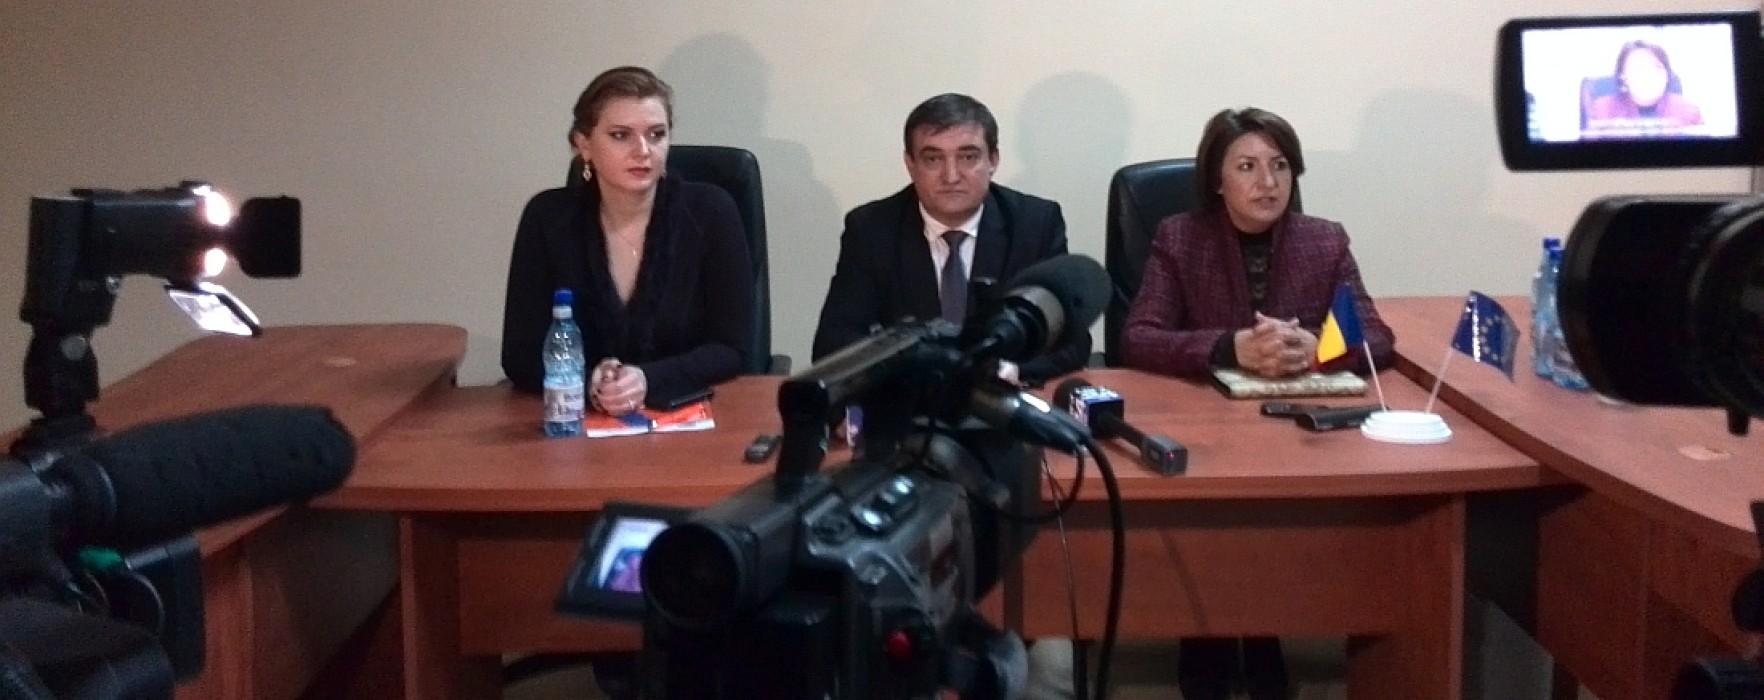 Sulfina Barbu, despre o eventuală colaborare cu PNL: Vom vedea, deocamdată PNL este într-un contract